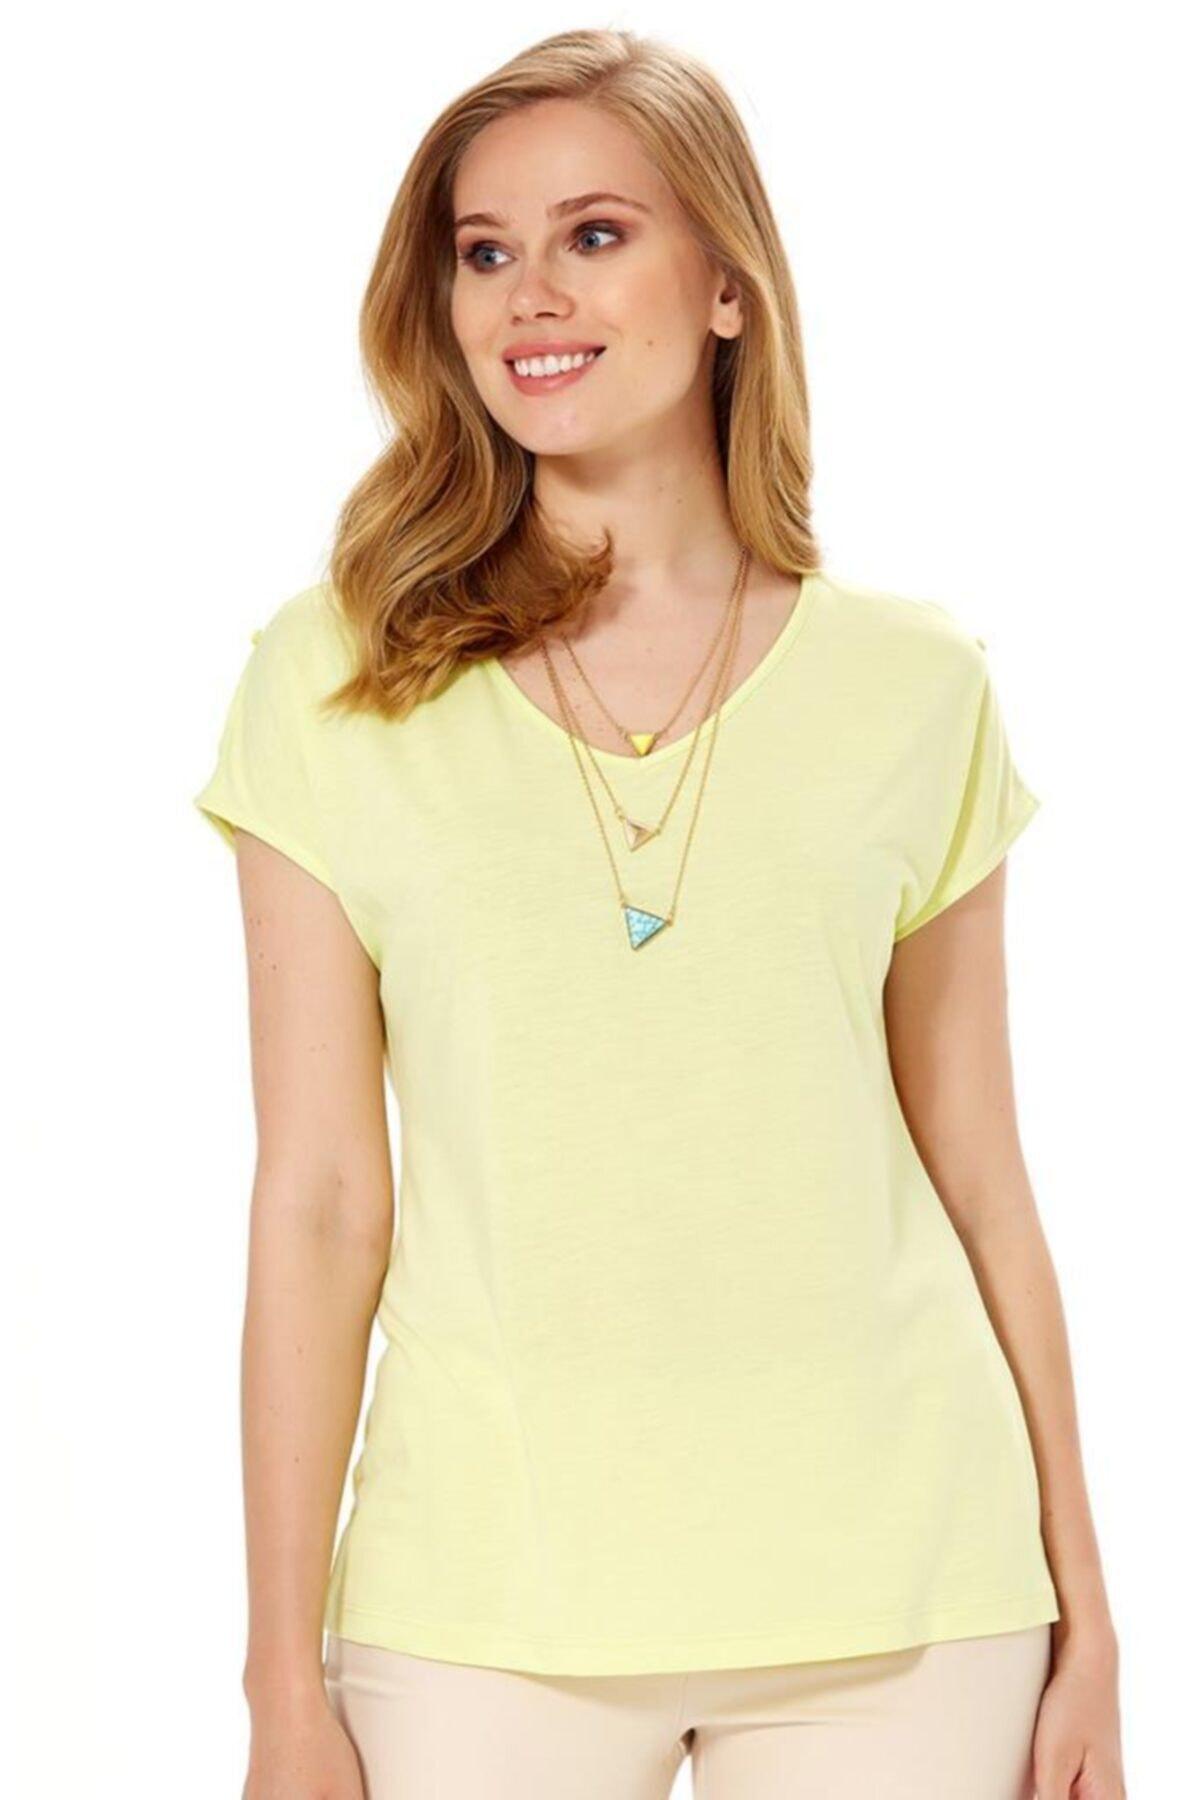 İKİLER Kadın Açık Fıstık Yeşil V Yaka Omuzu Yırtmaçlı Düğmeli Bluz 1